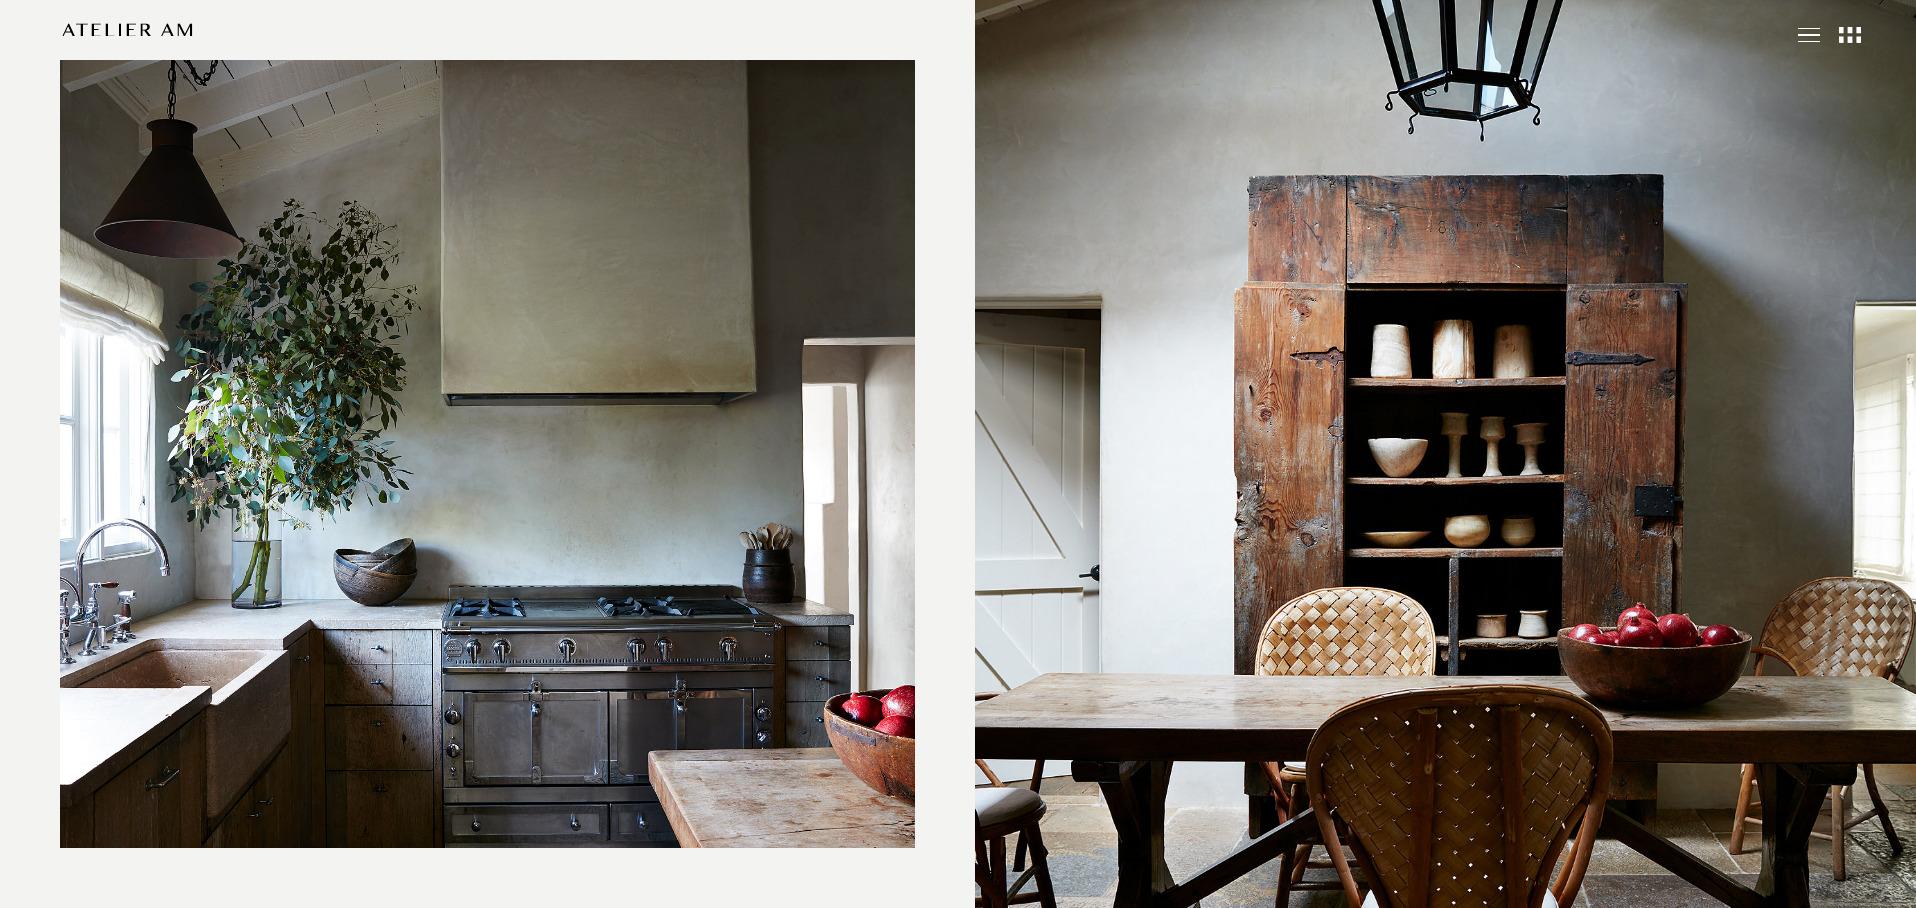 Décor Inspiration | Interior Designer: More Atelier AM